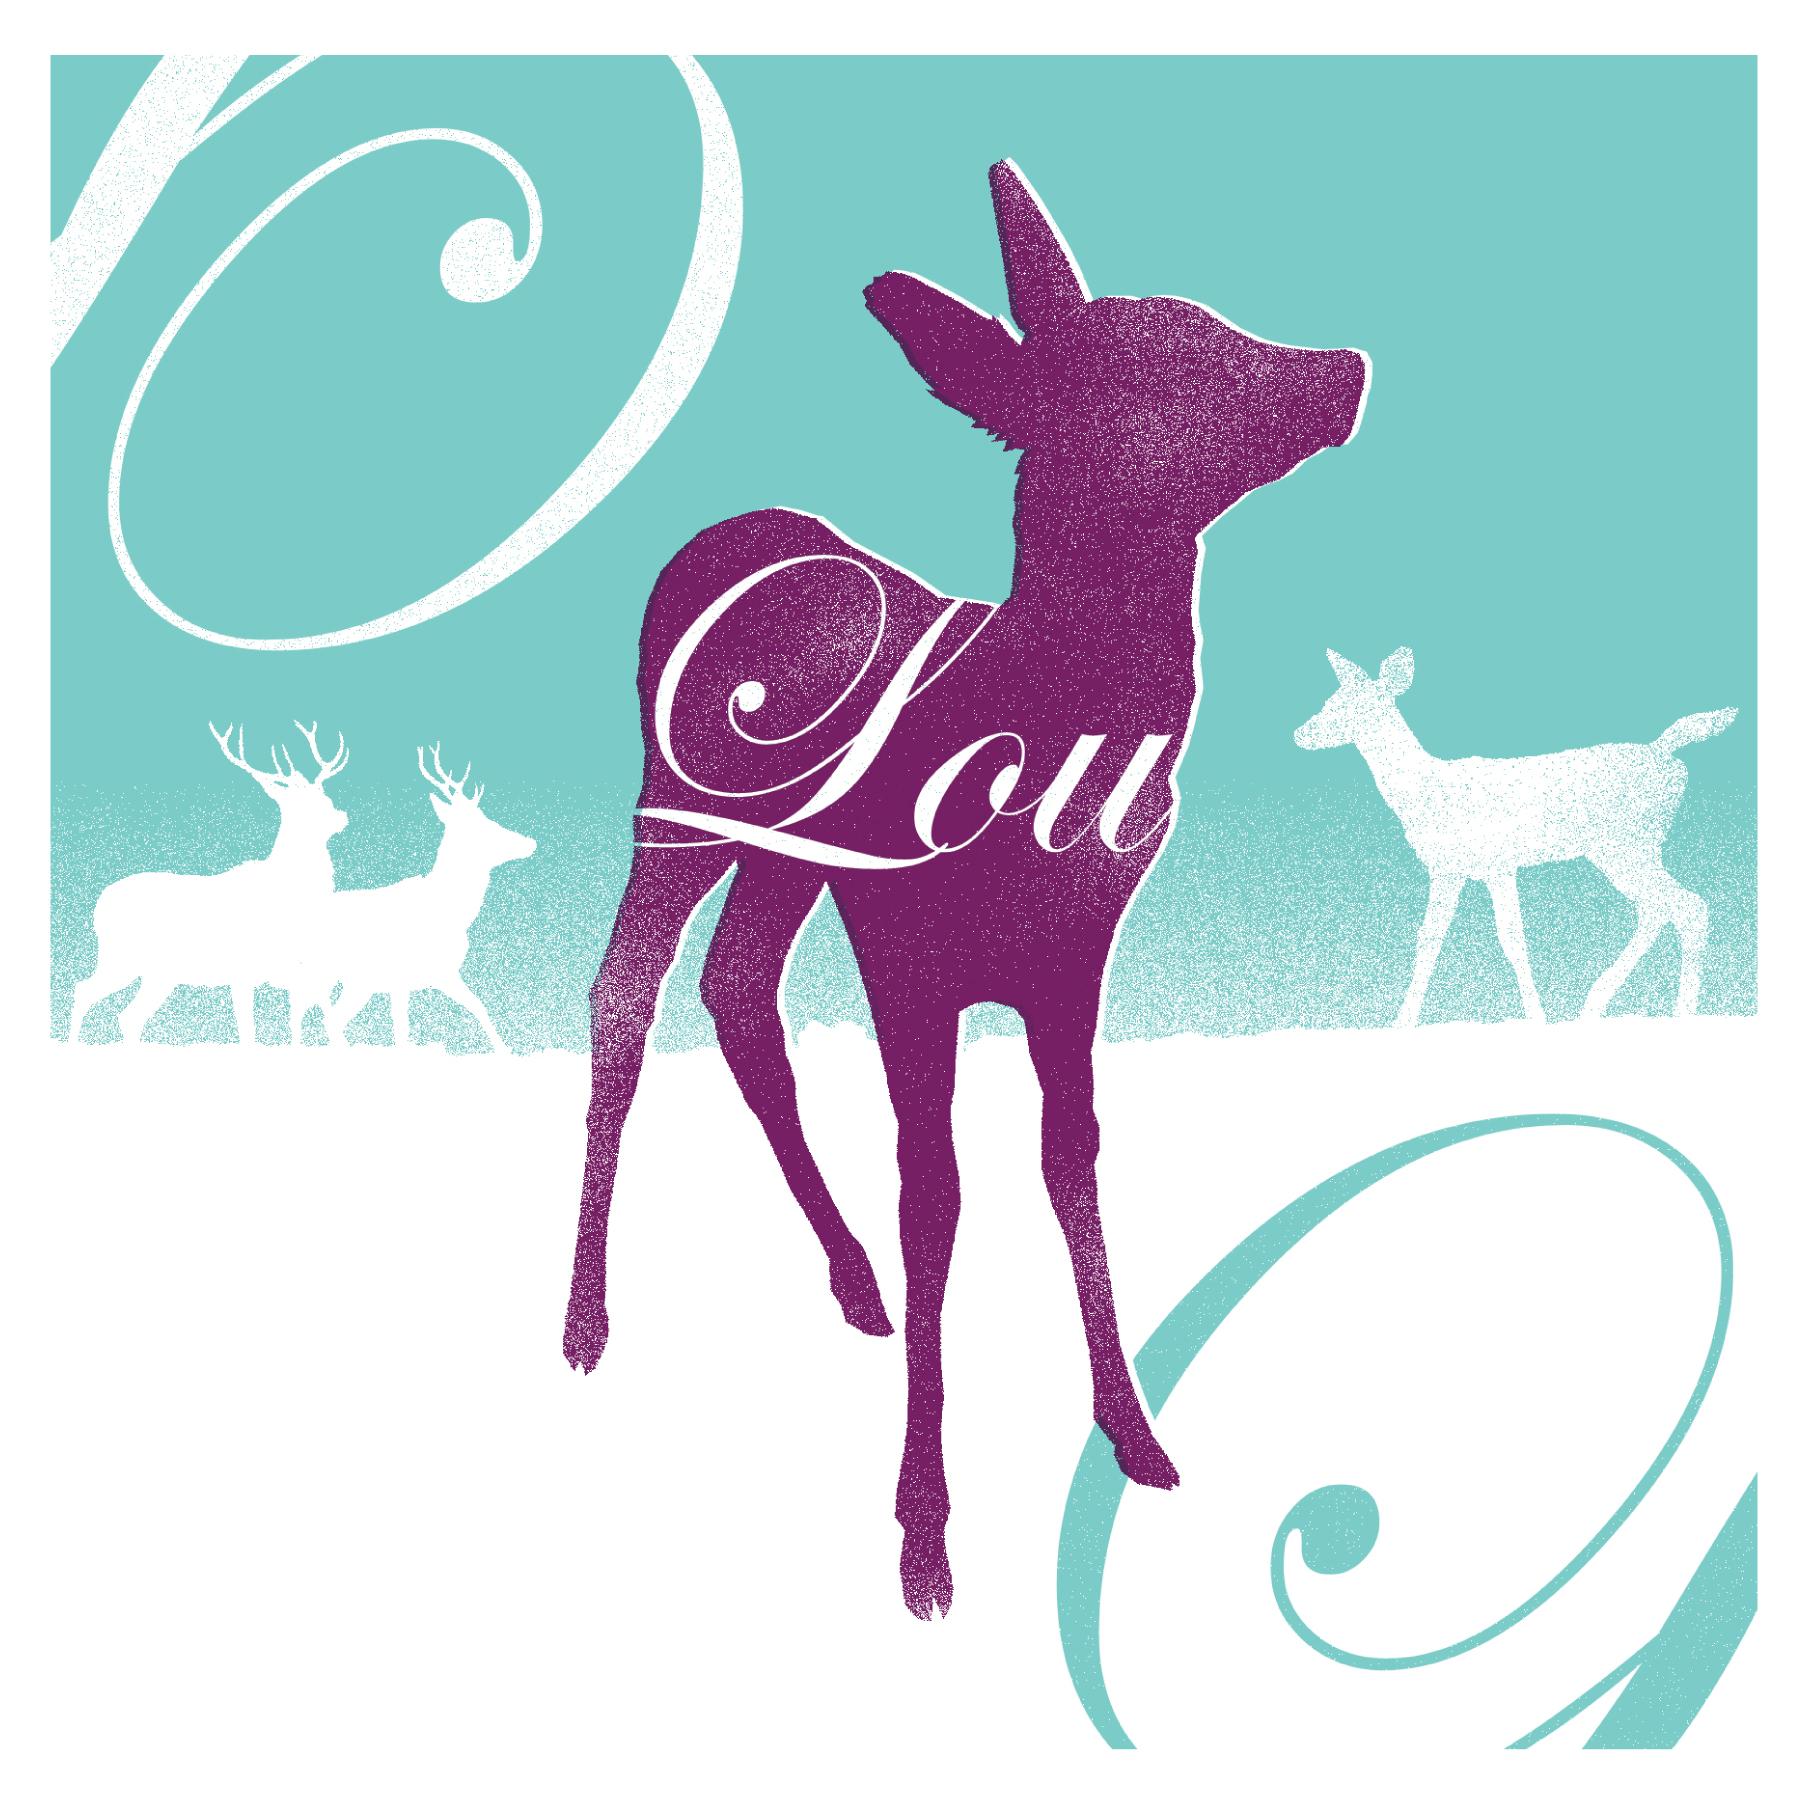 Lou-geboortekaart-front